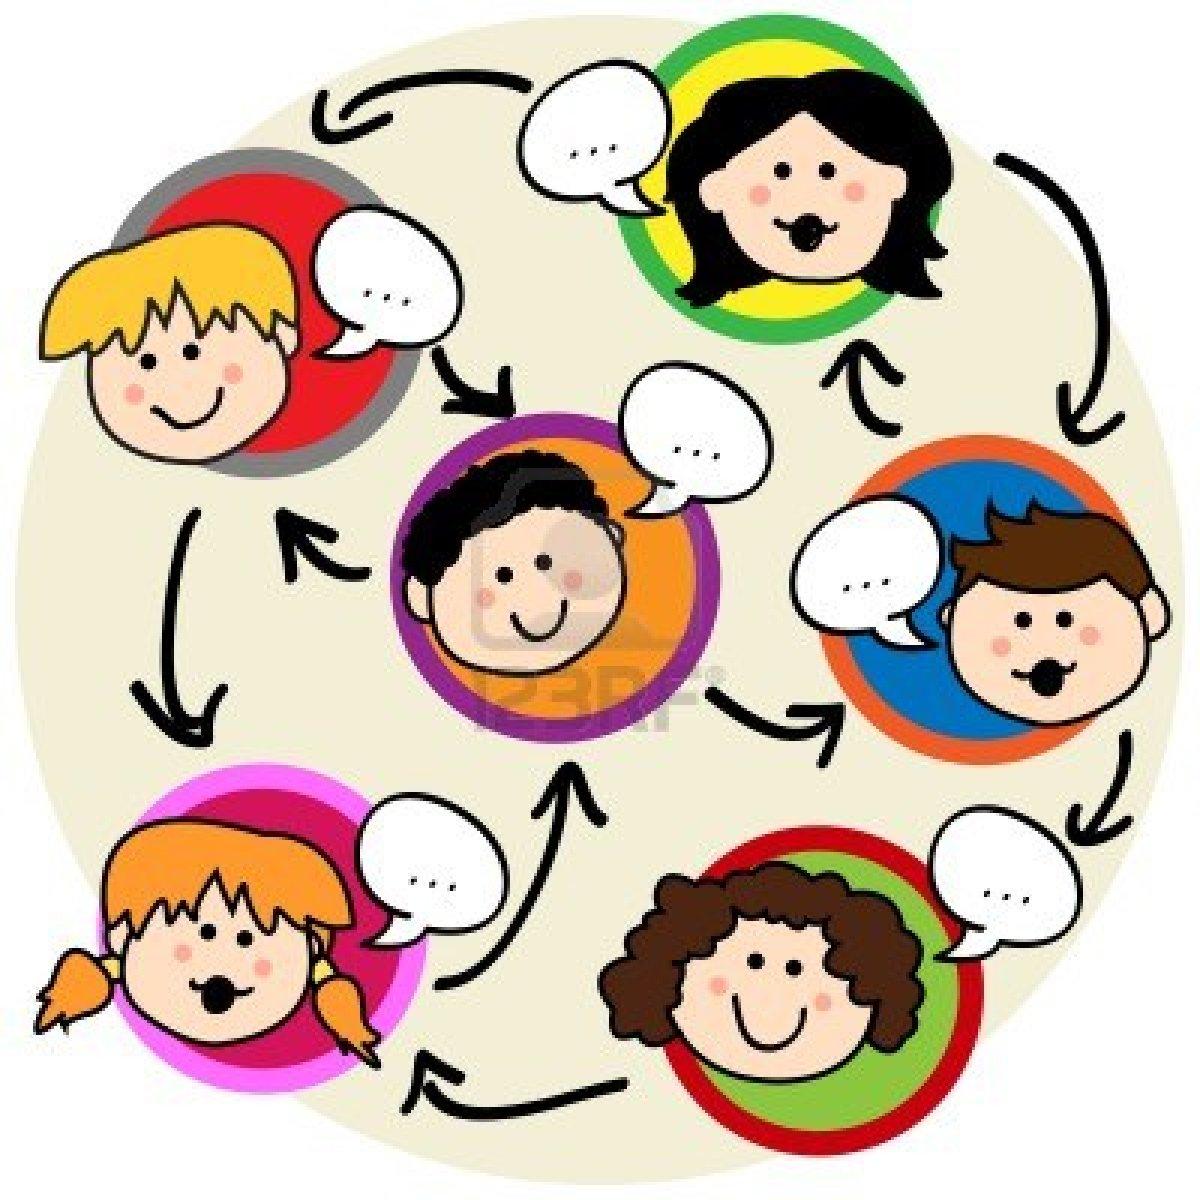 el lenguaje verbal en ninos: